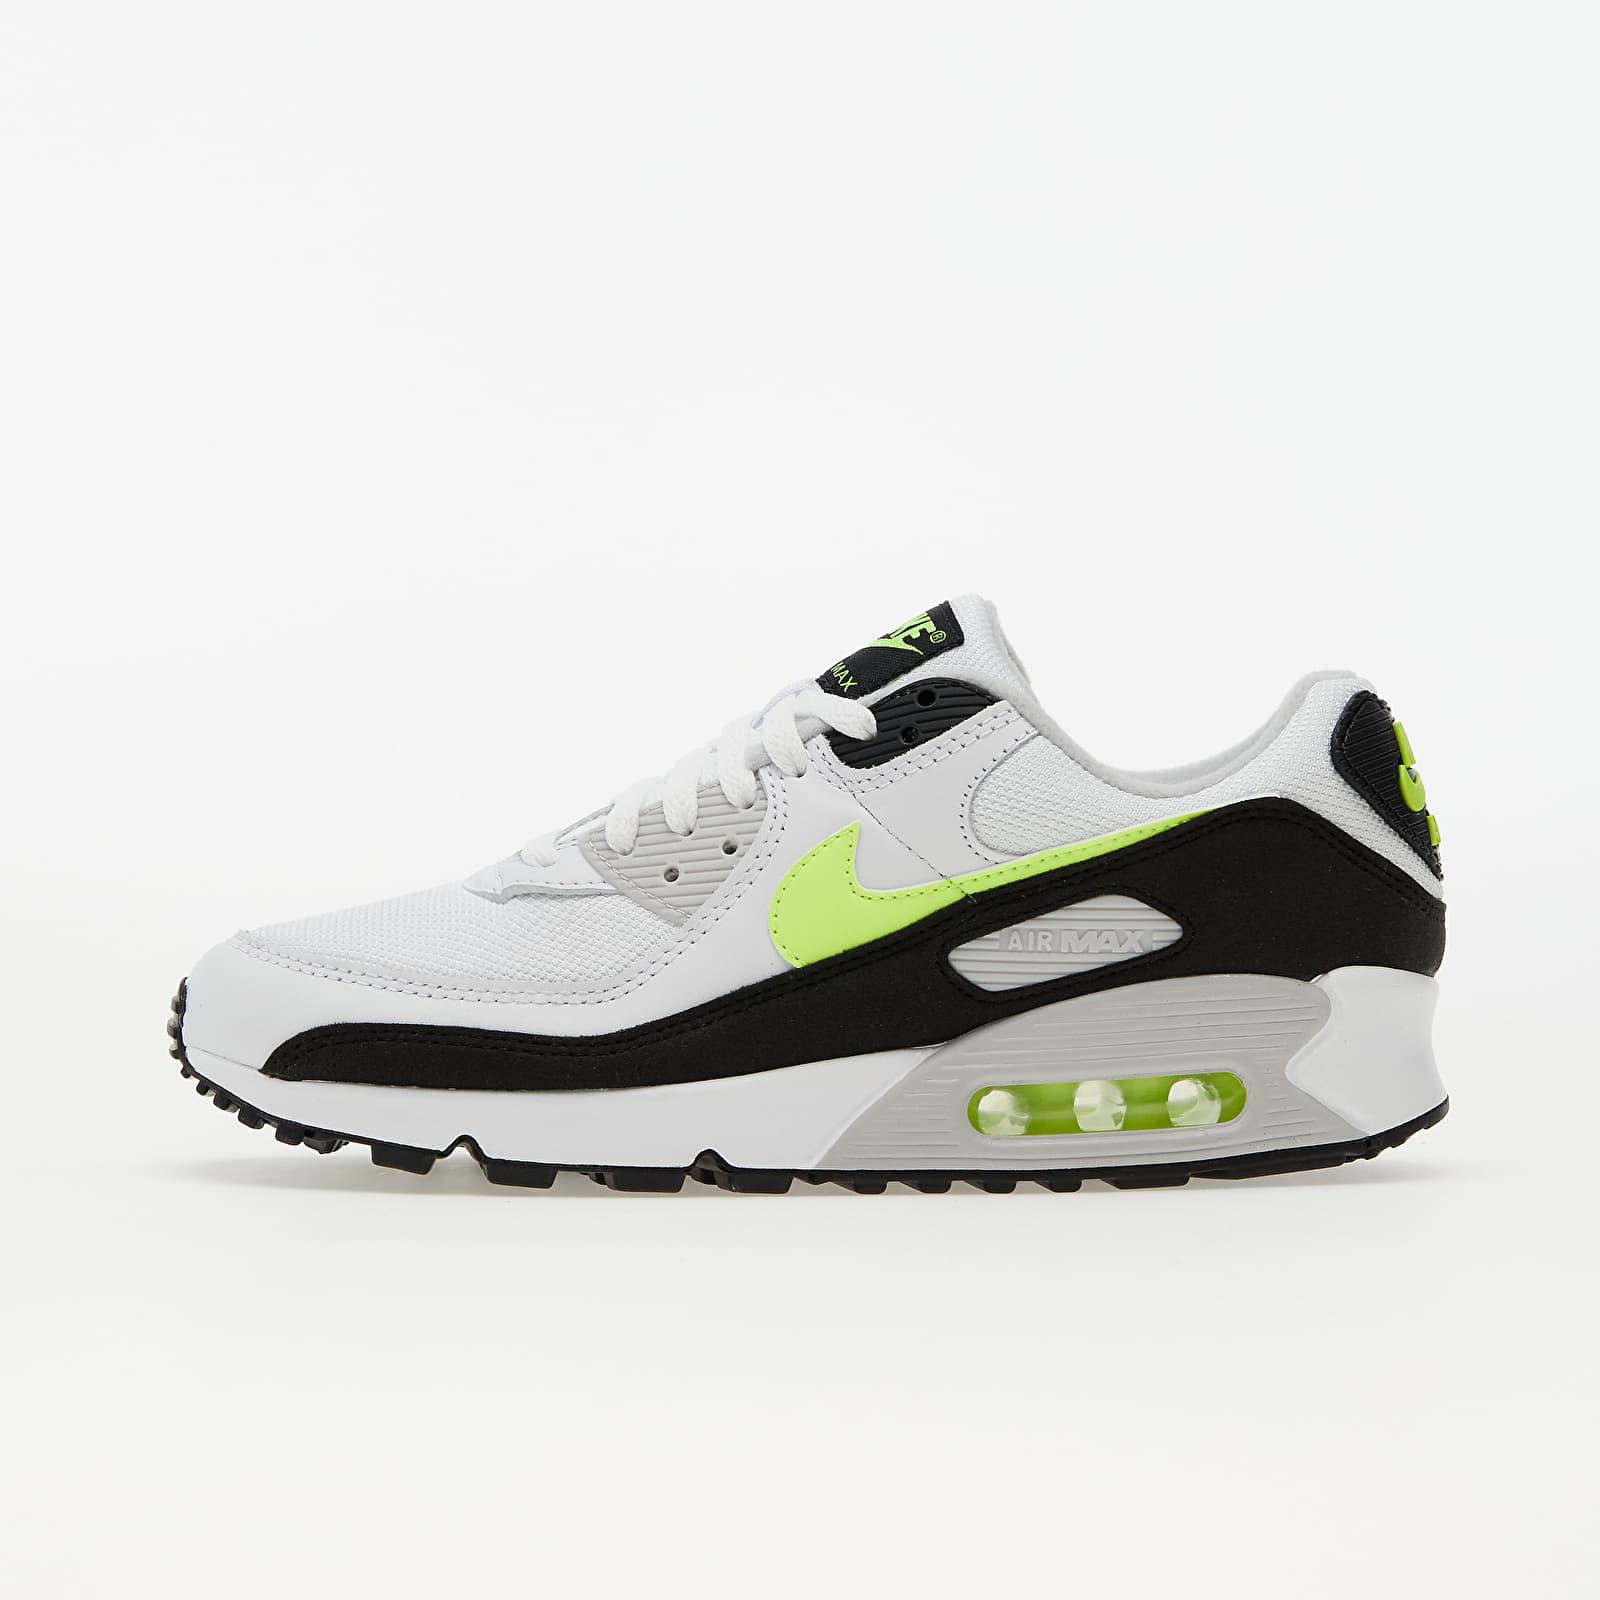 Nike Air Max 90 White/ Hot Lime-Black-Neutral Grey | Footshop